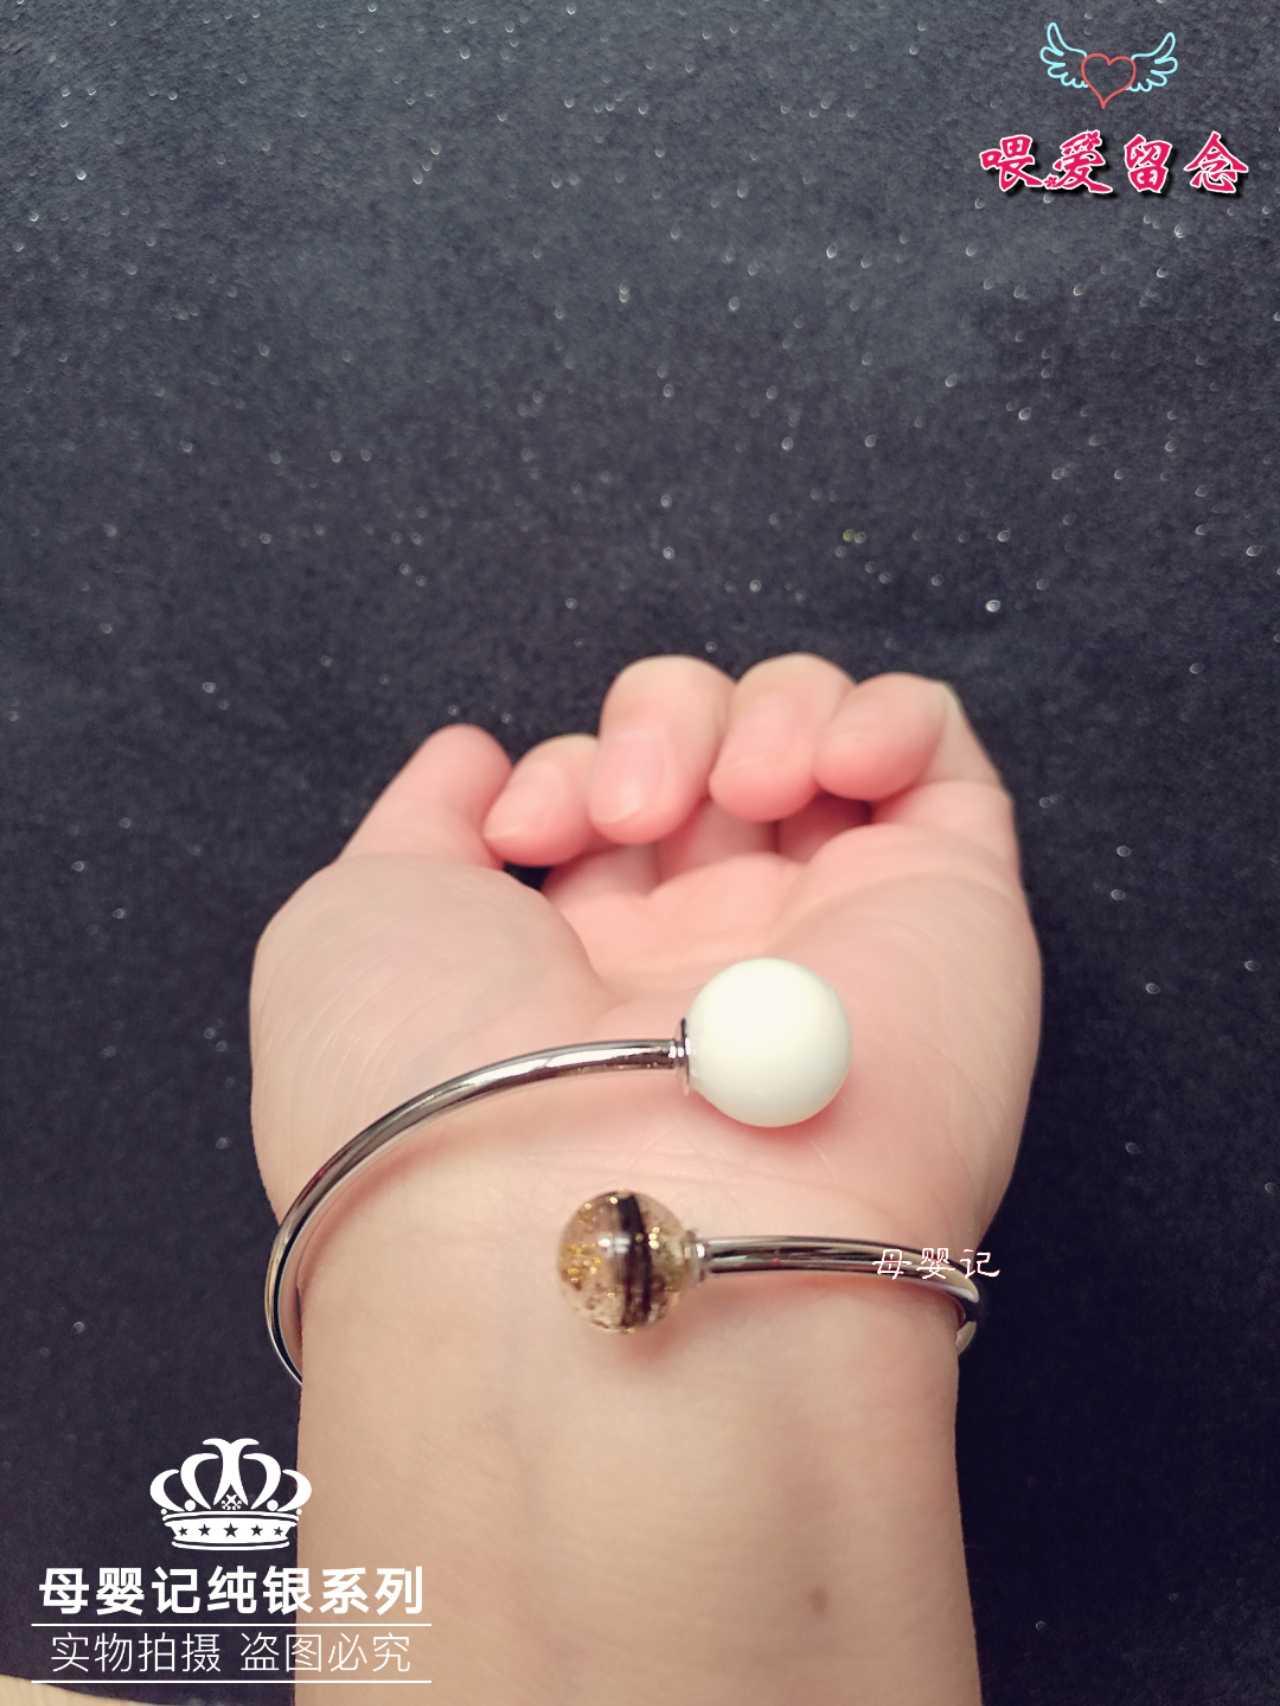 纯银母乳胎发球手镯宝宝纪念品材料包母乳首饰胎发球手链手环饰品